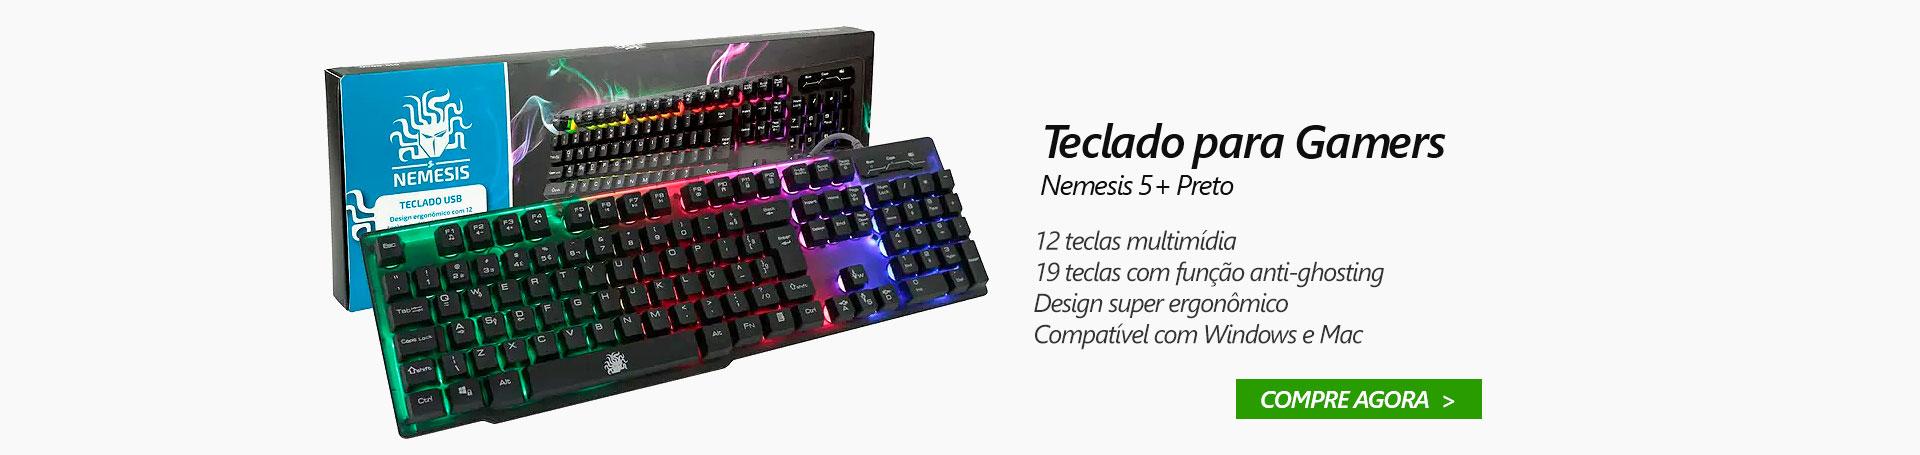 Gamers | Teclado